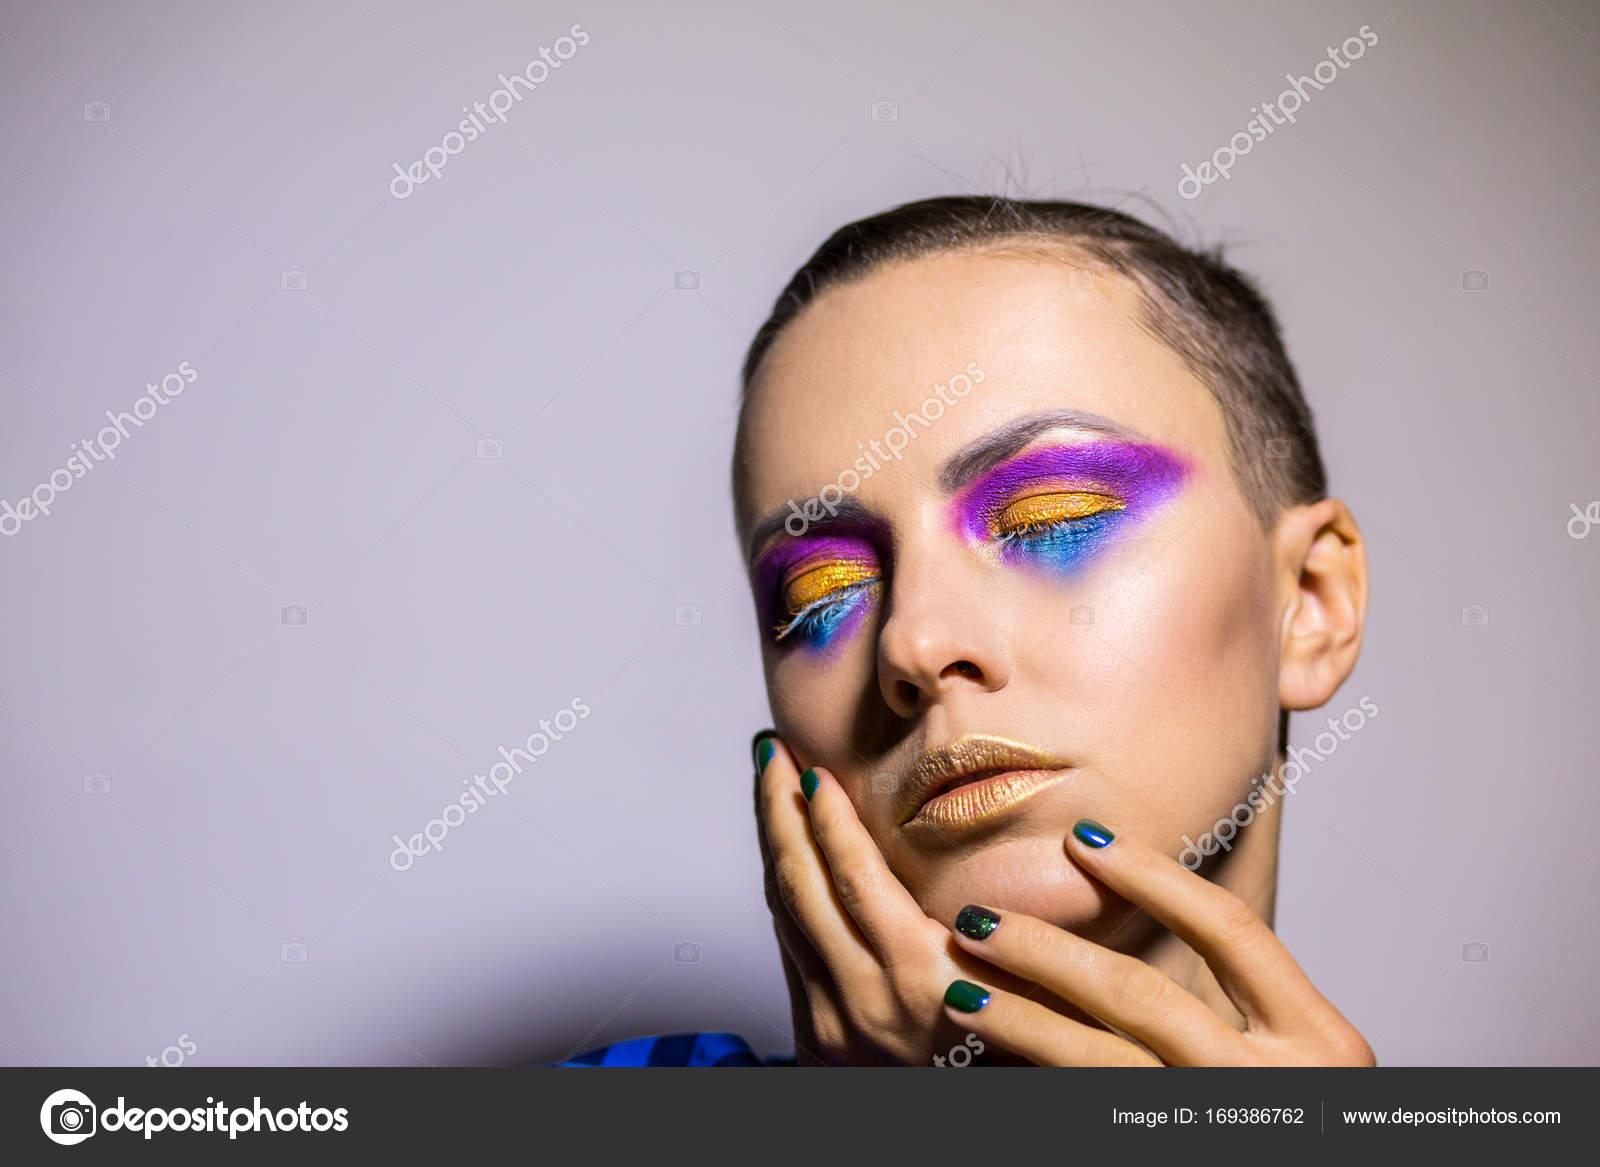 Макияж глаз пошаговое фото для зеленых глаз - Мой секрет